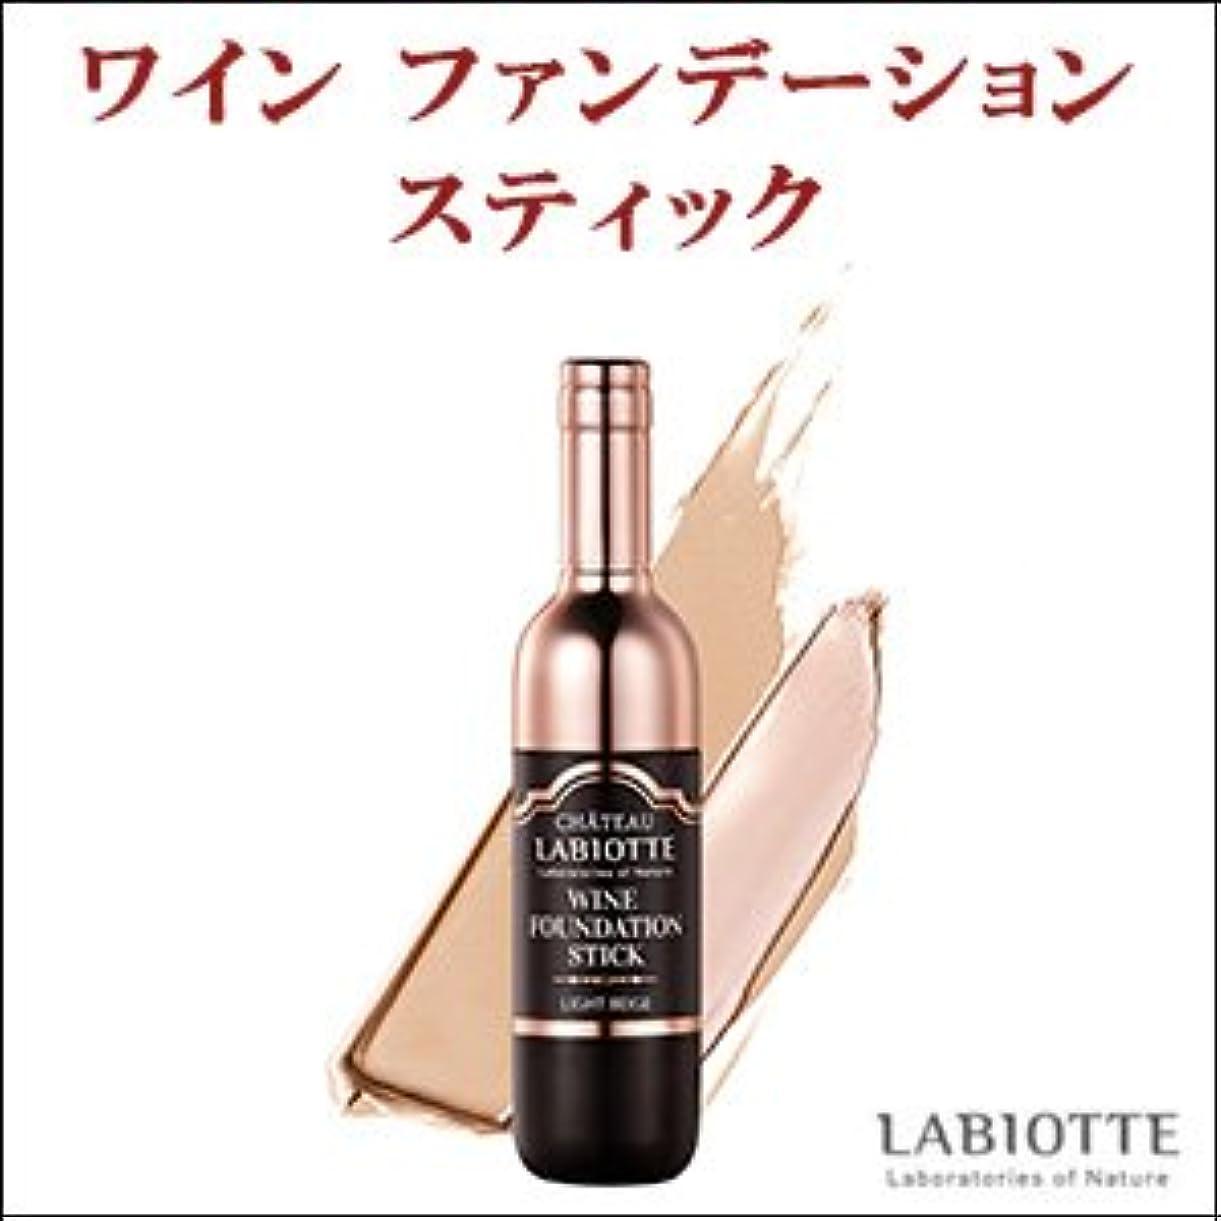 項目子供っぽい盆地LABIOTTE シャトー ラビオッテ ワイン ファンデーション スティック カラー:P21 ピンクベージュ